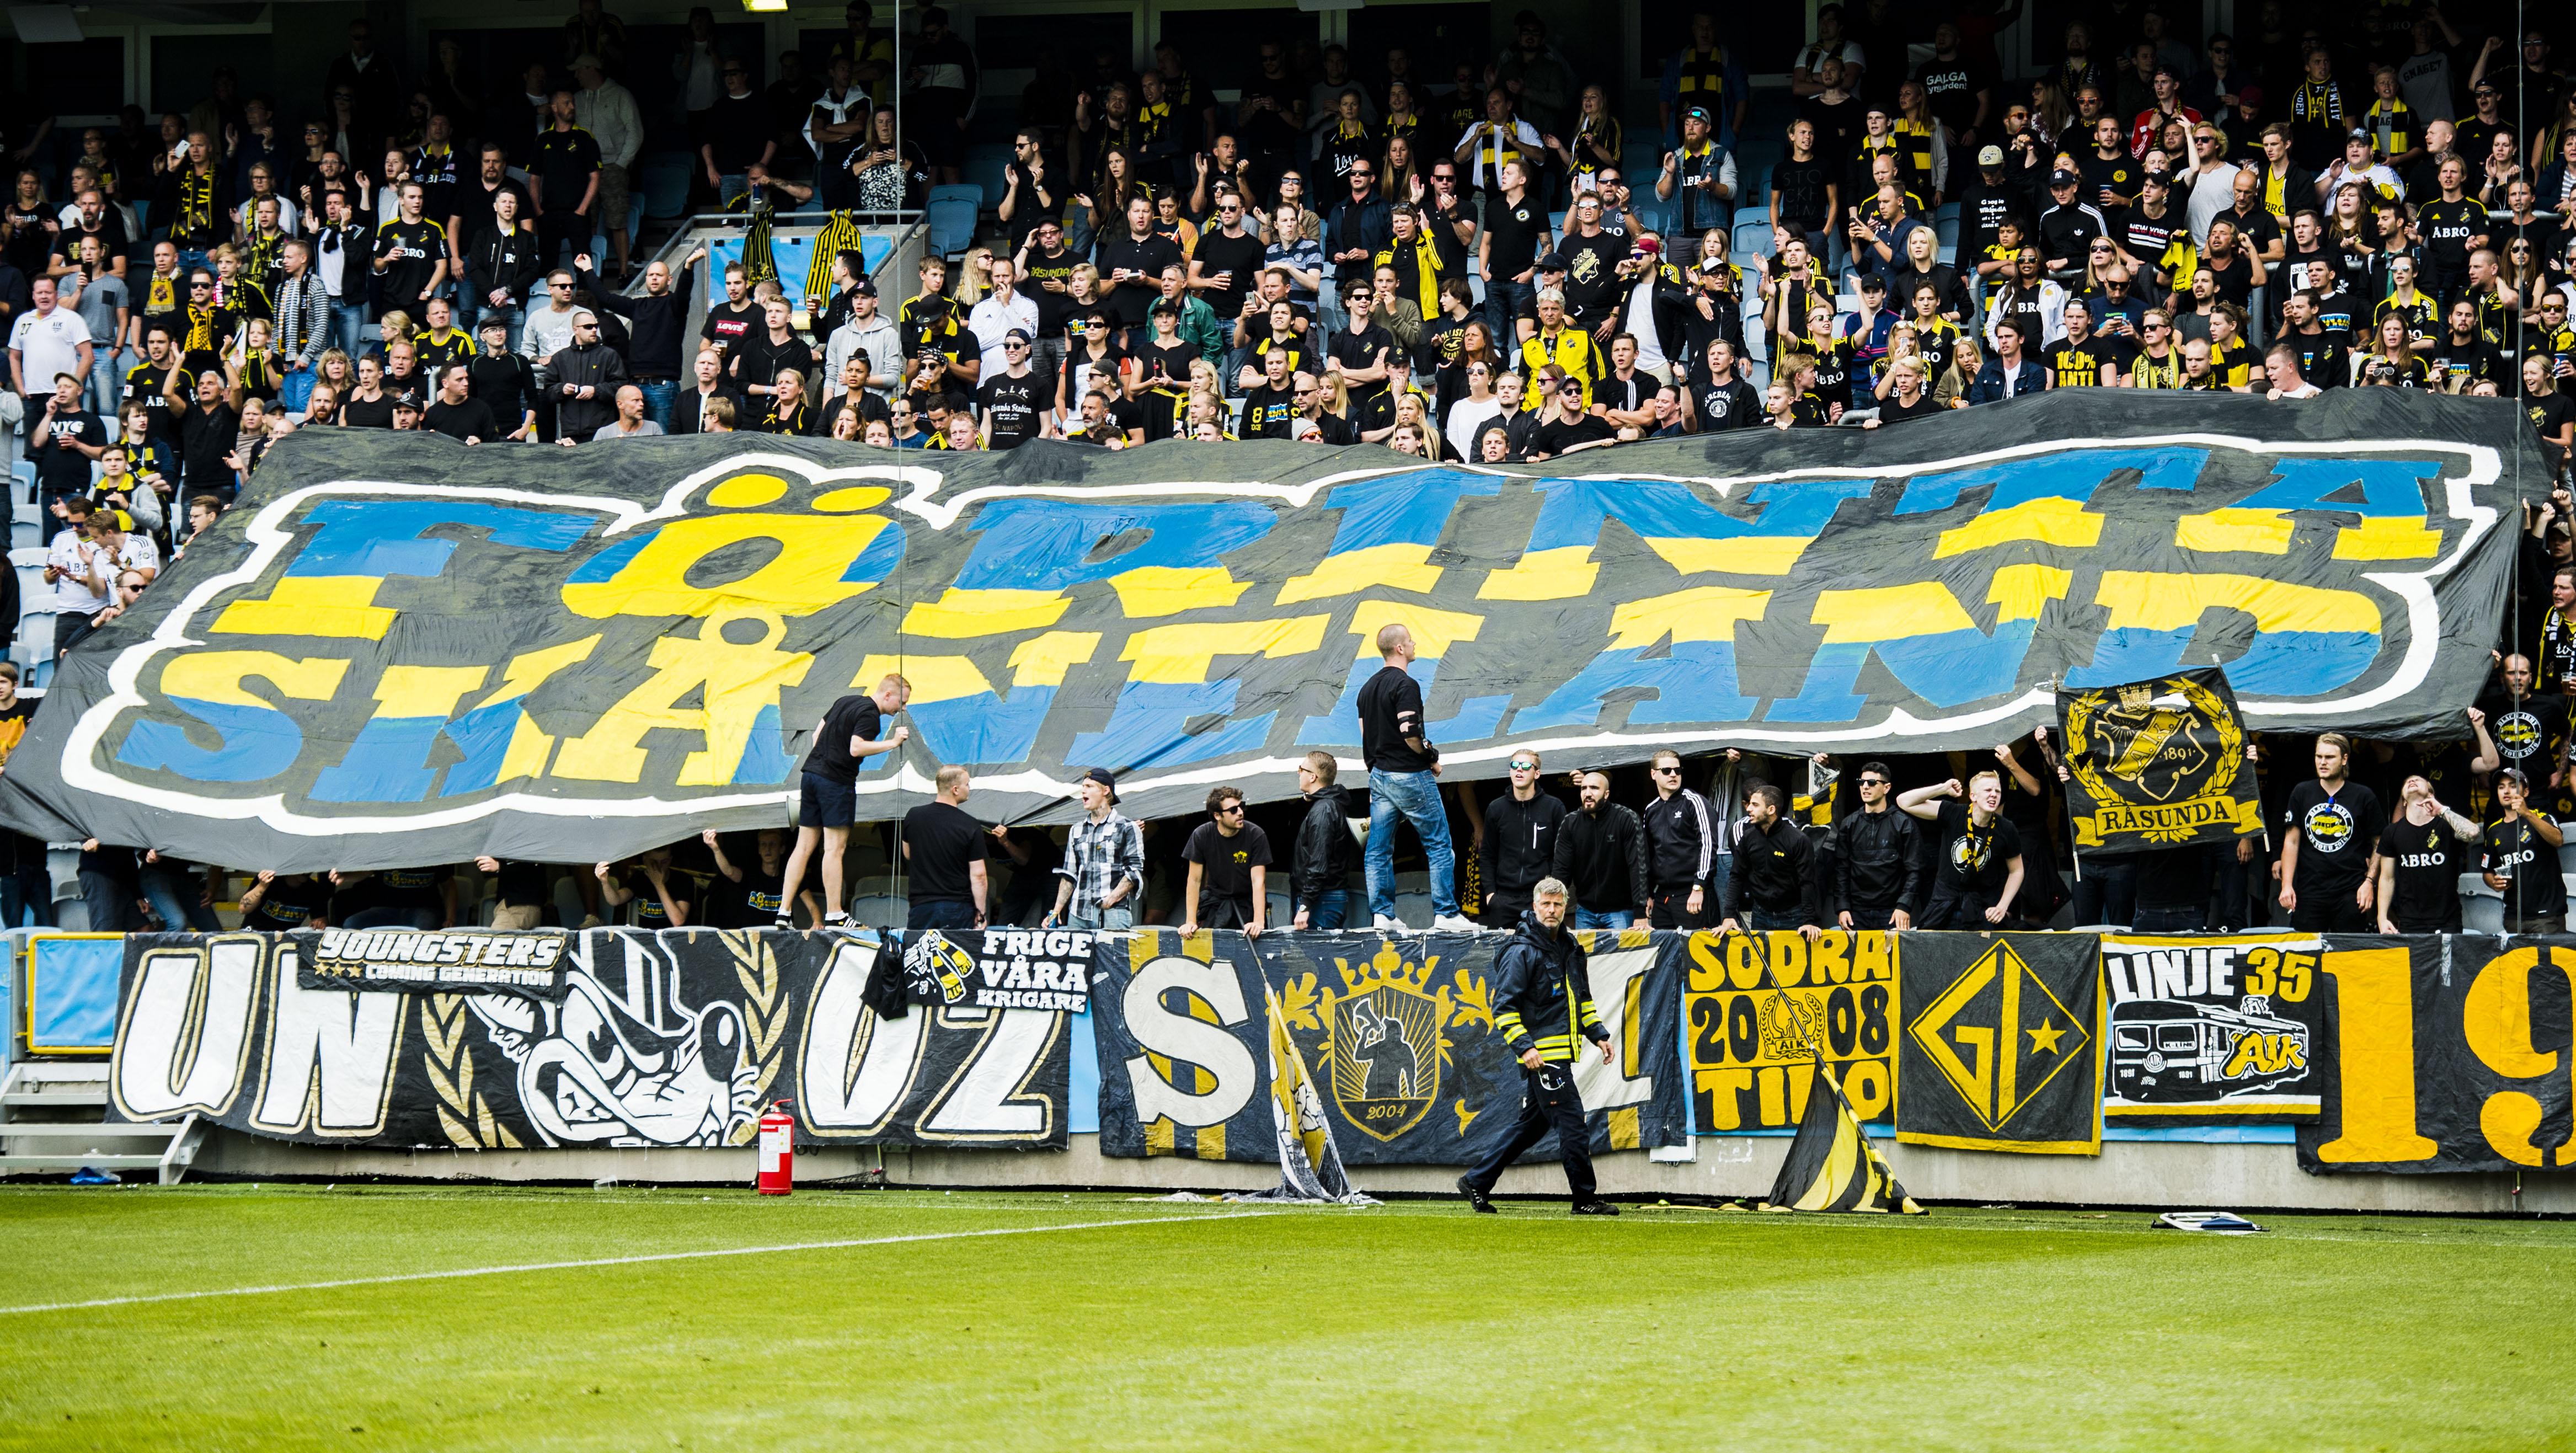 160807 AIK s supportrar hŒller upp en banderoll med texten fšrinta  skŒneland under fotbollsmatchen i da41806452e93